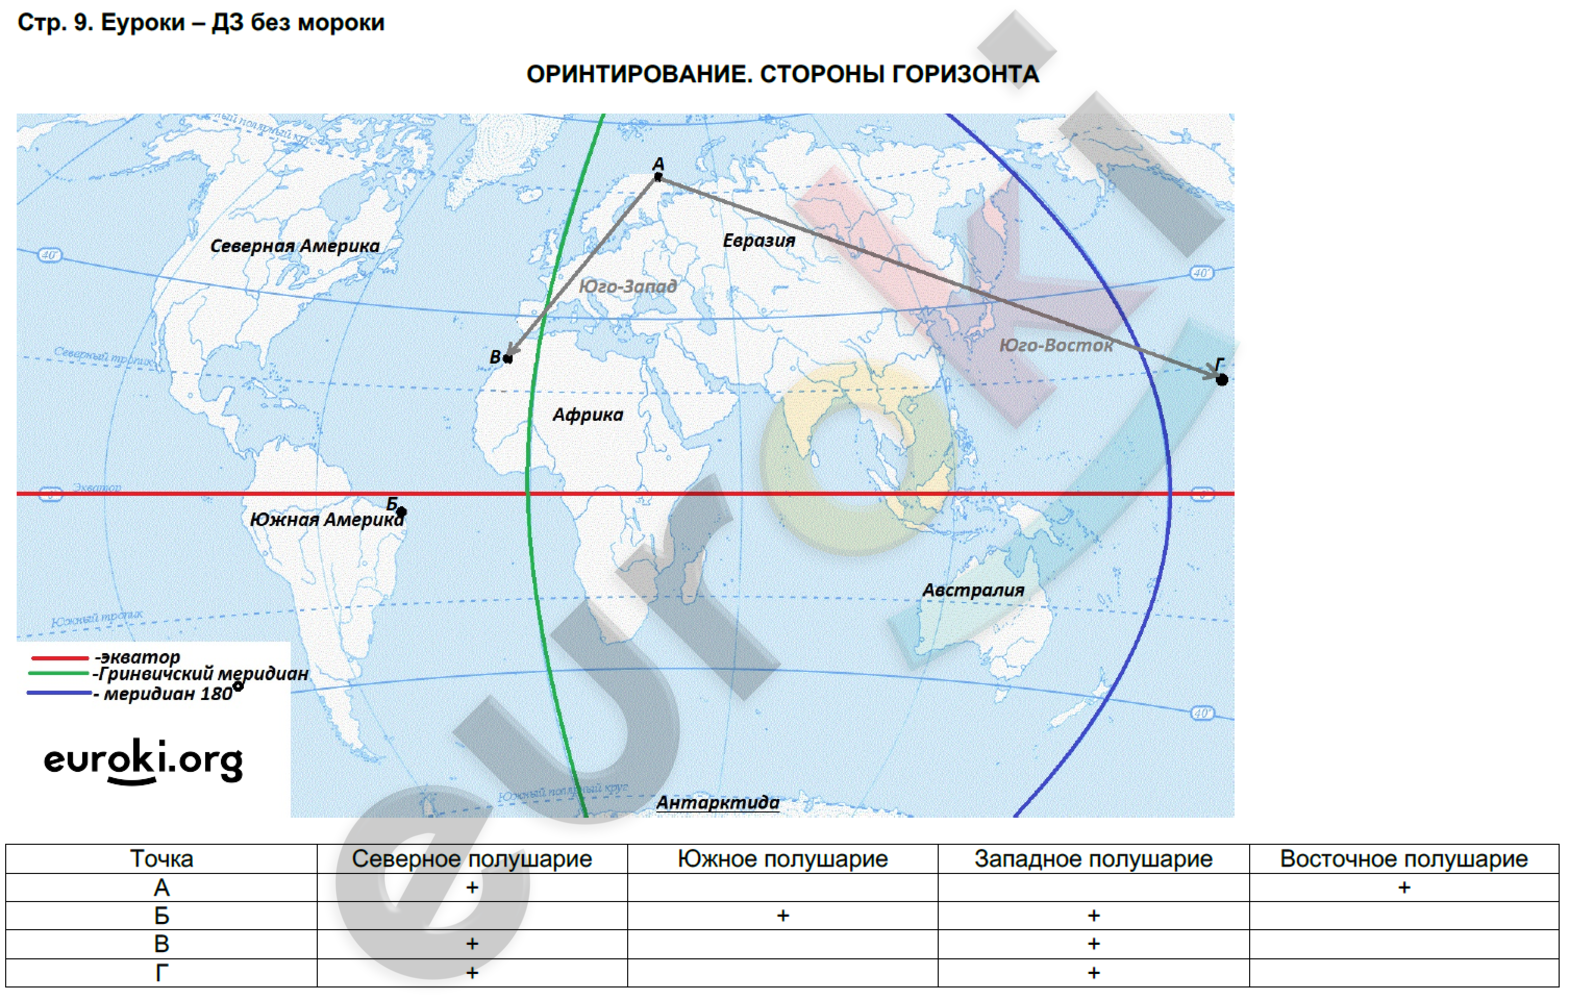 ГДЗ по географии 5 класс контурные карты Румянцев. Задание: стр. 9